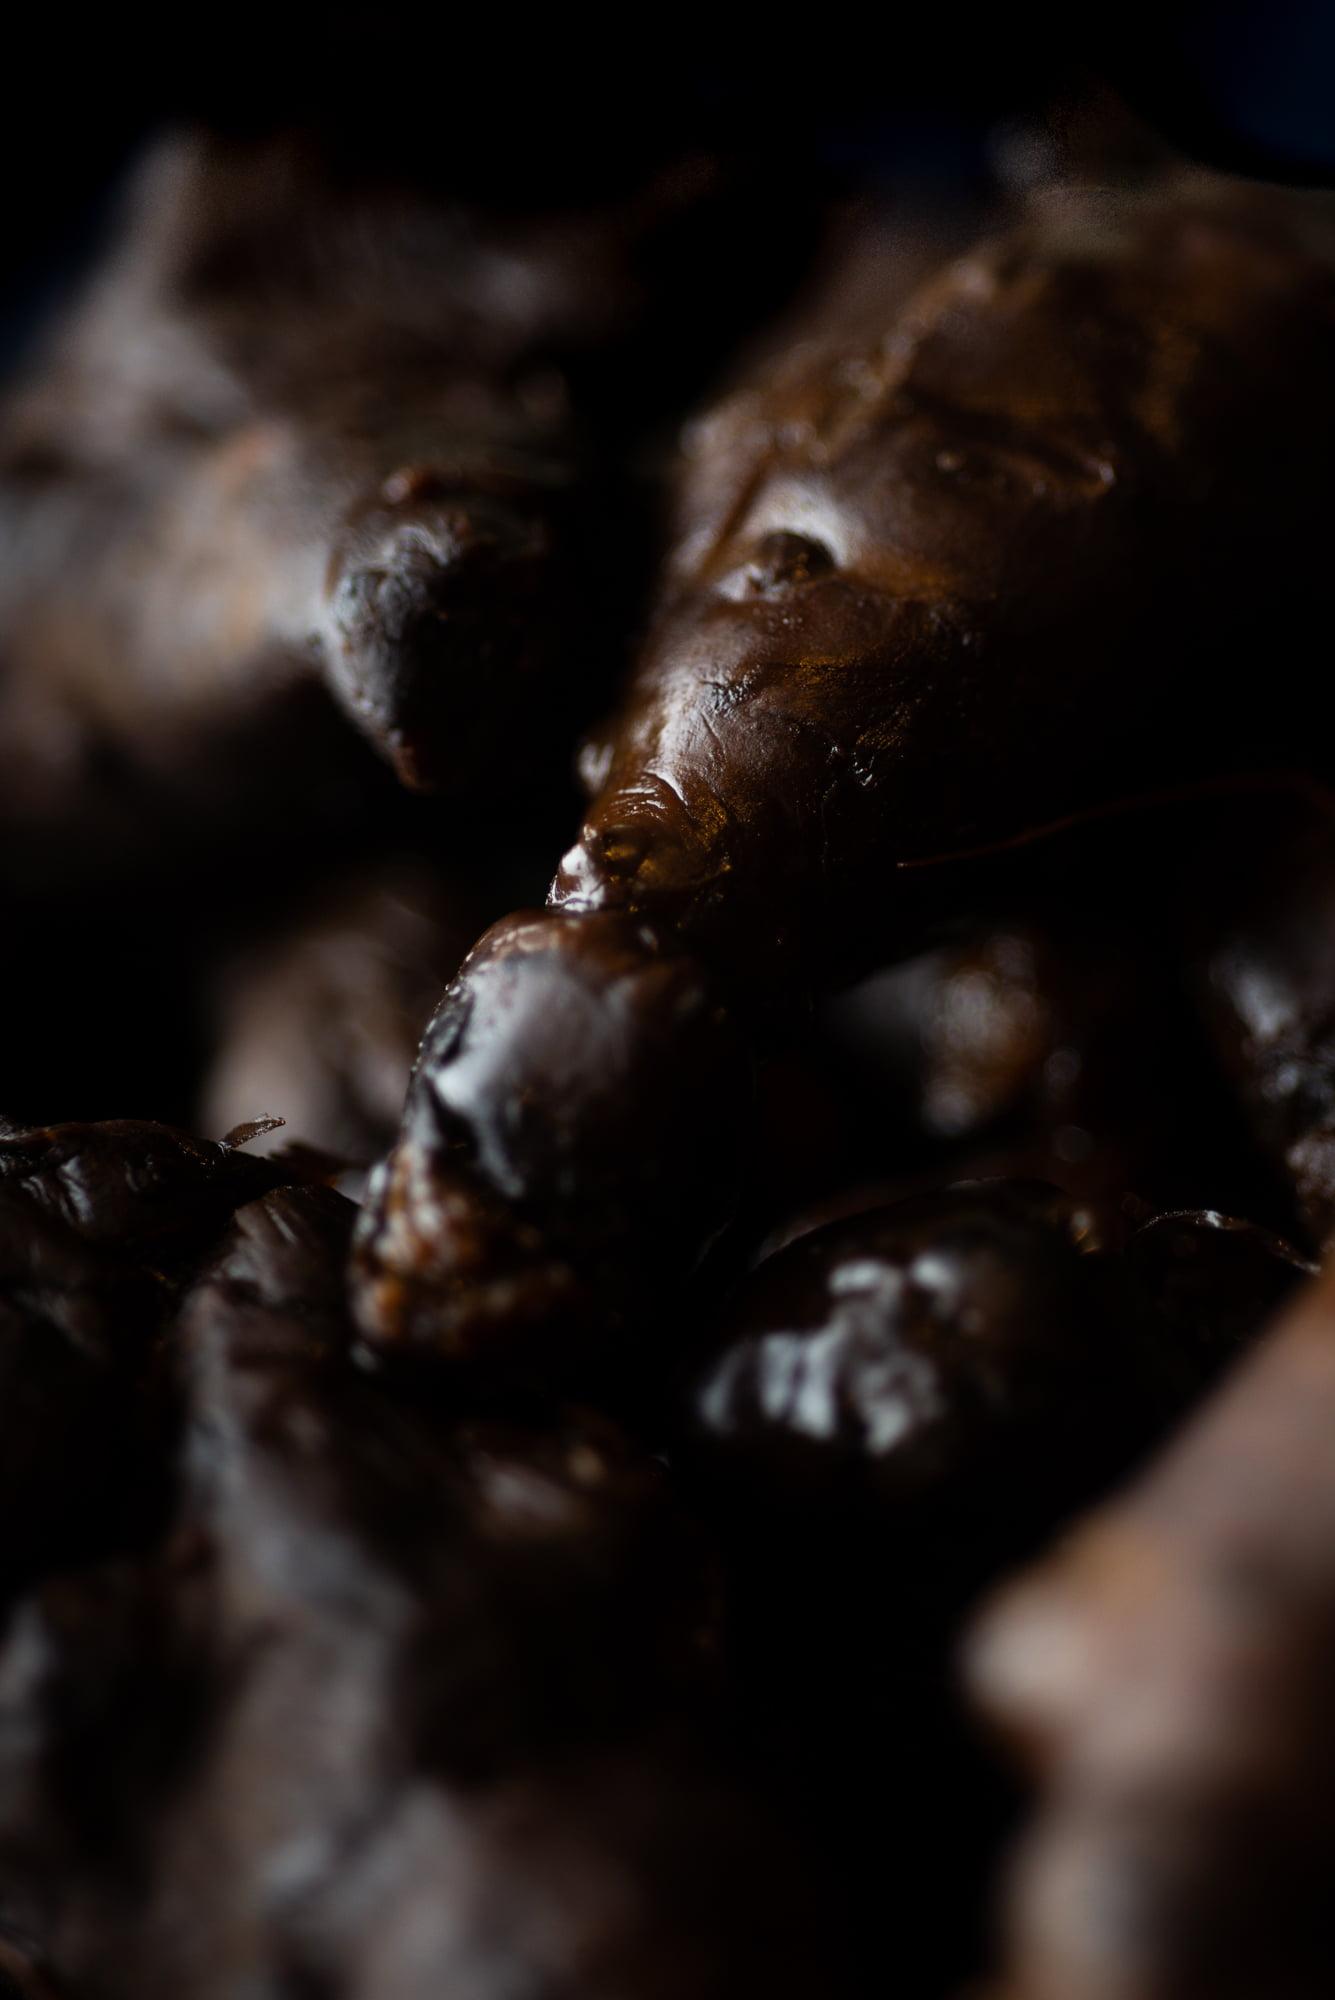 https://www.chilarestaurant.com/vegetales-negros/07_07_chila-2573/